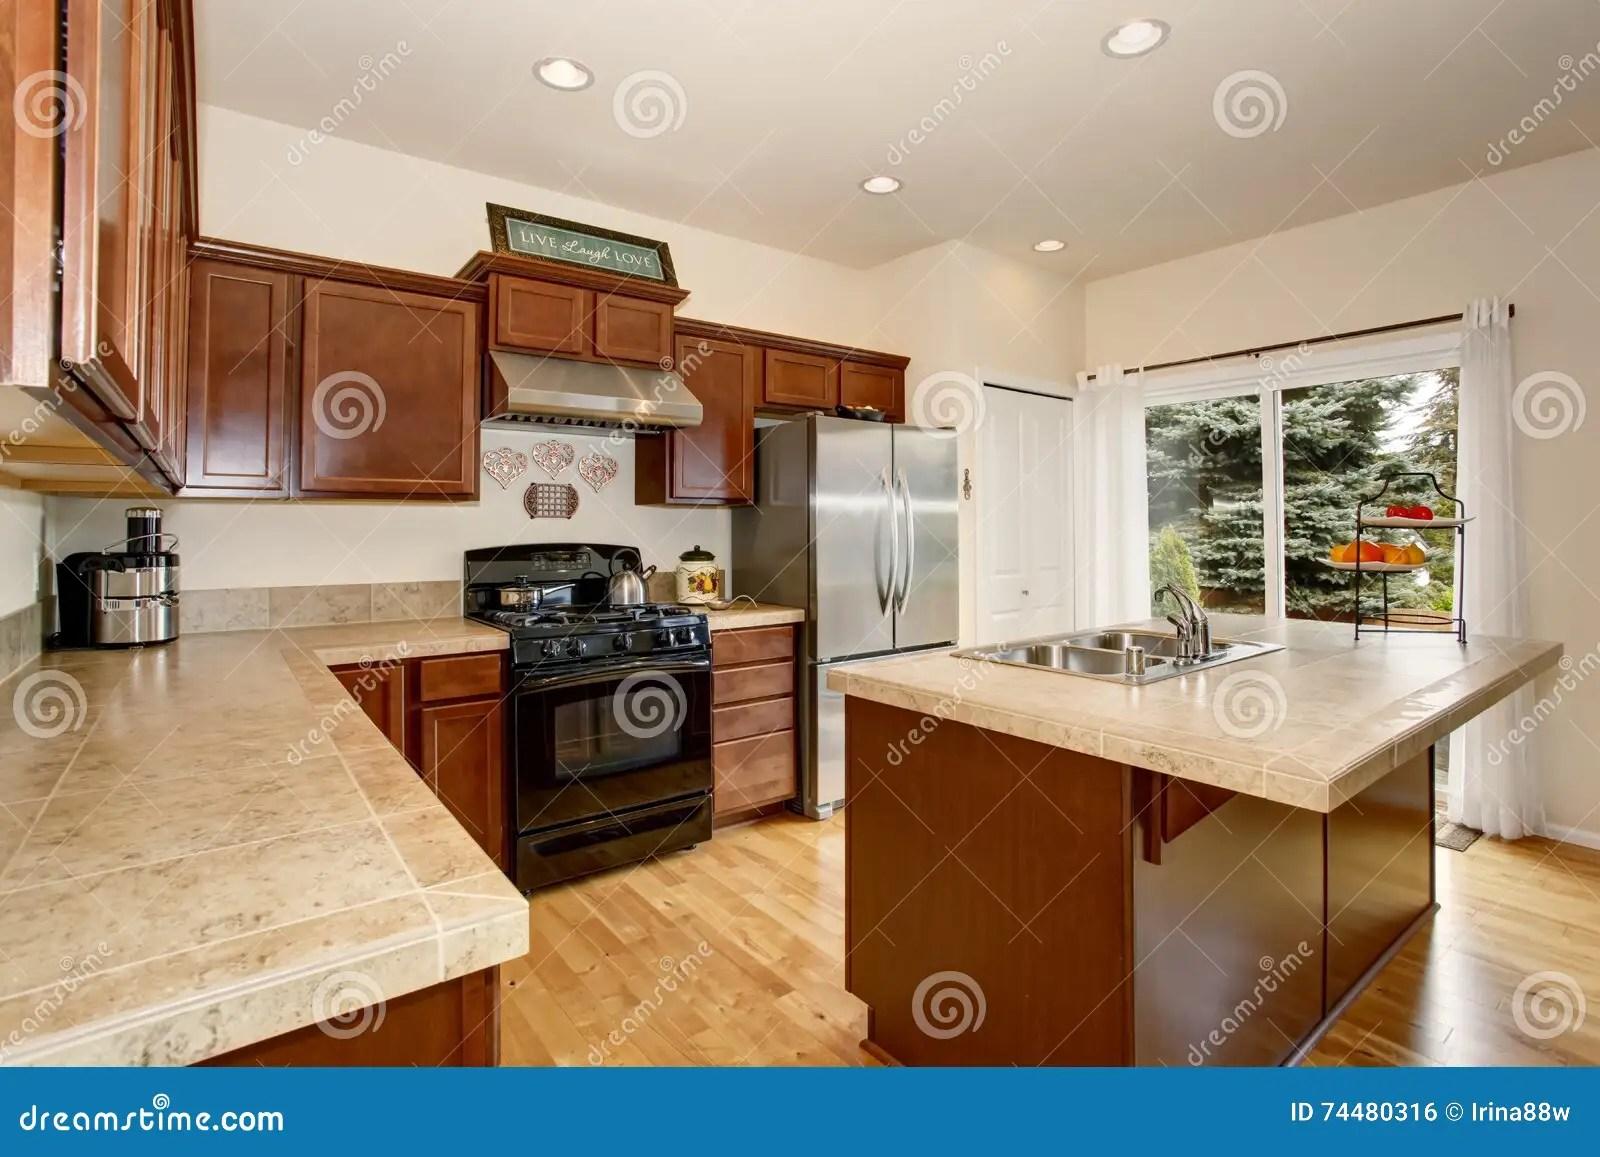 brown kitchen sink valances for 有瓦片桌面 厨房和不锈钢冰箱的舒适厨房室库存照片 图片包括有干净 厨房和不锈钢冰箱和棕色内阁的舒适厨房室